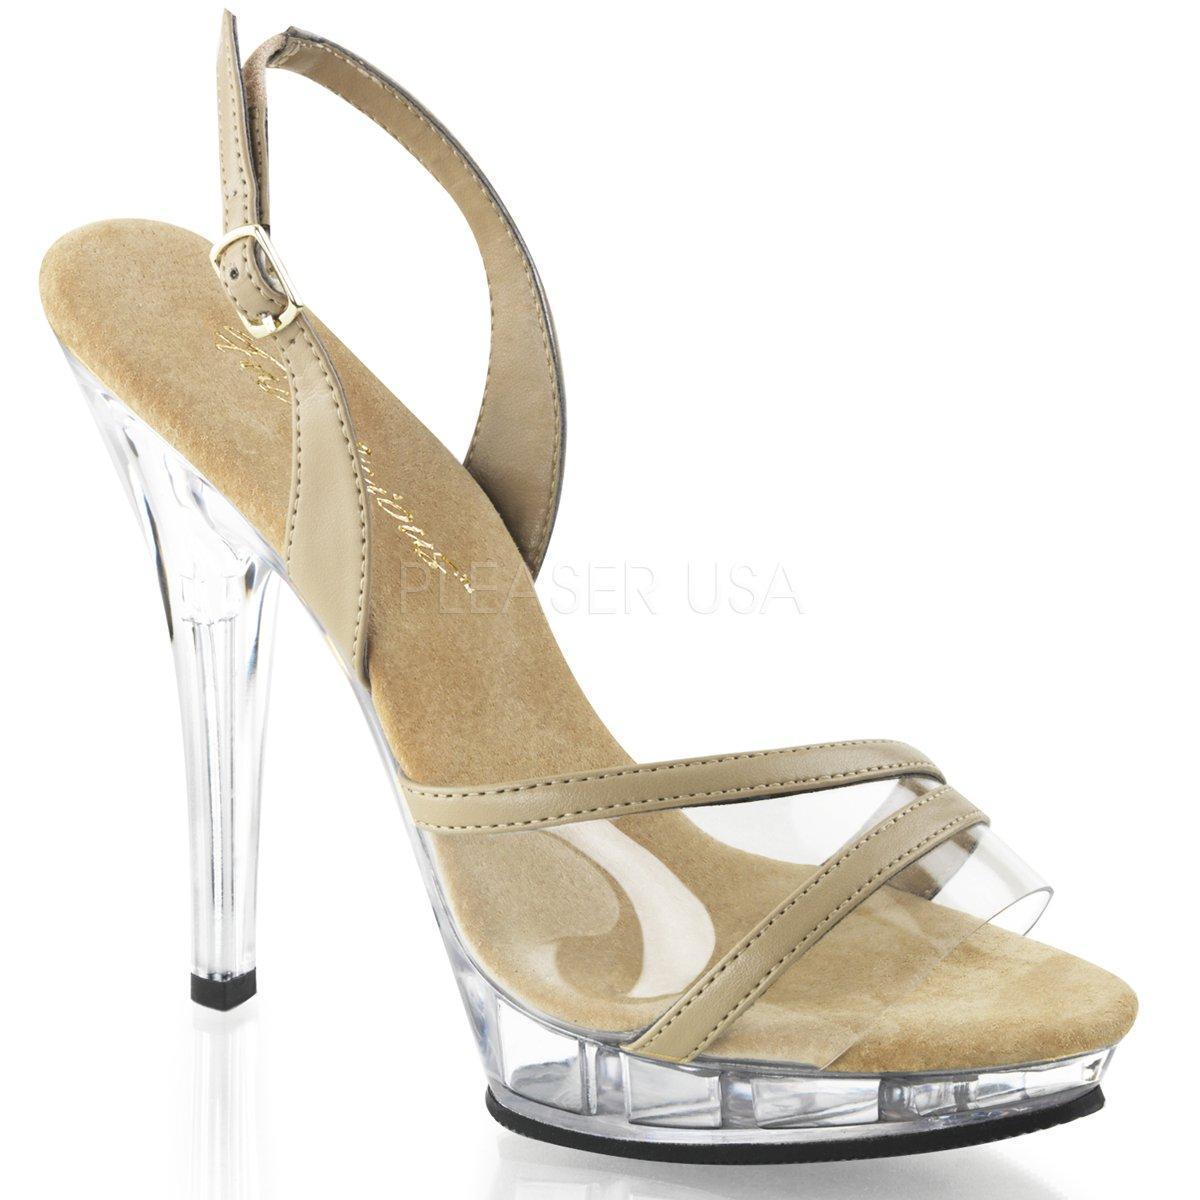 85662d0456ff LIP-137 Béžové společenské sandálky na vysokém podpatku